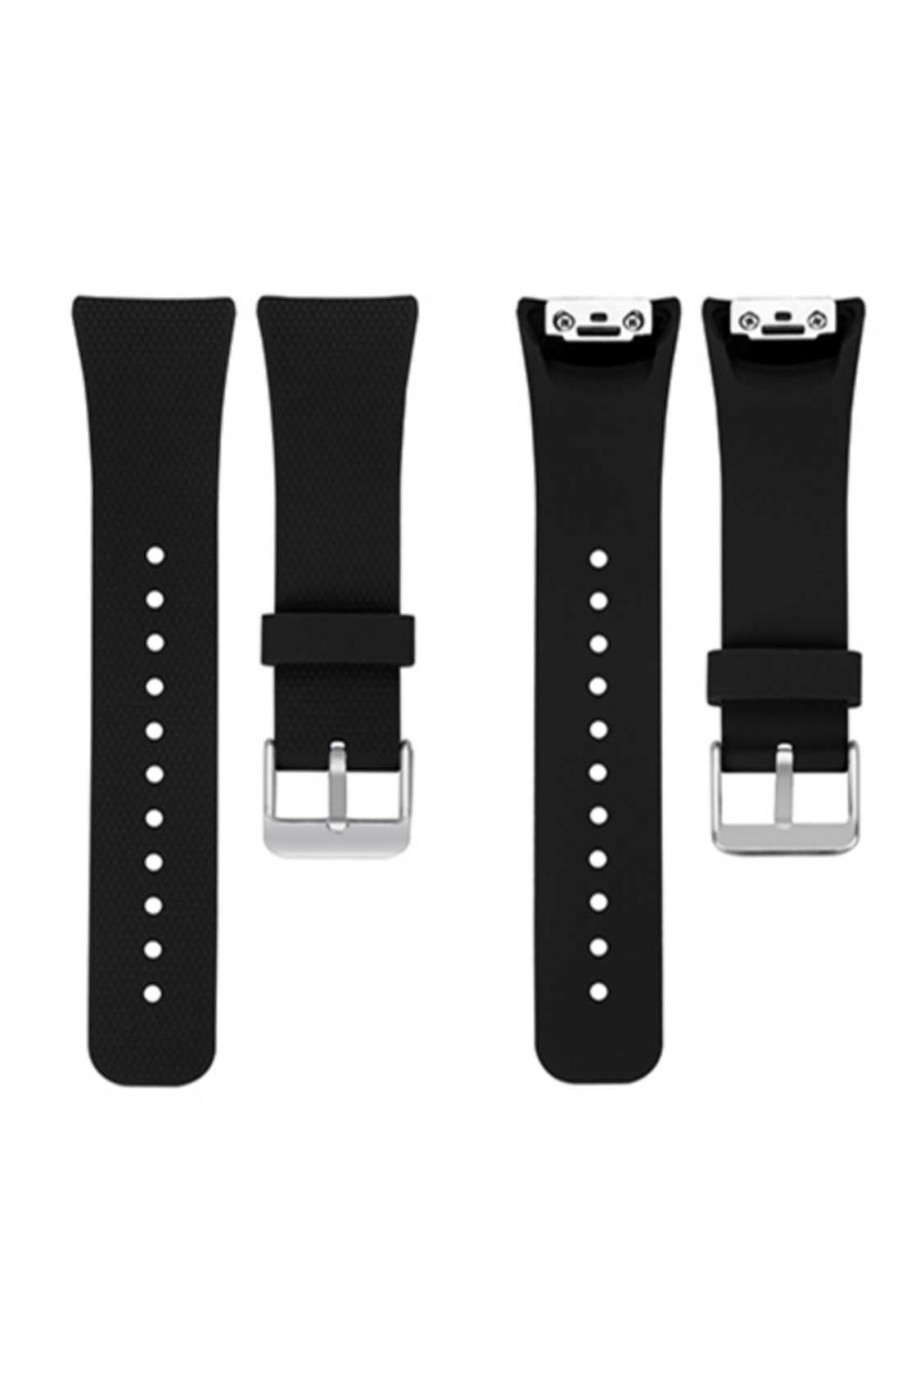 Силиконовый ремешок для Samsung Gear Fit 2, FT-0001